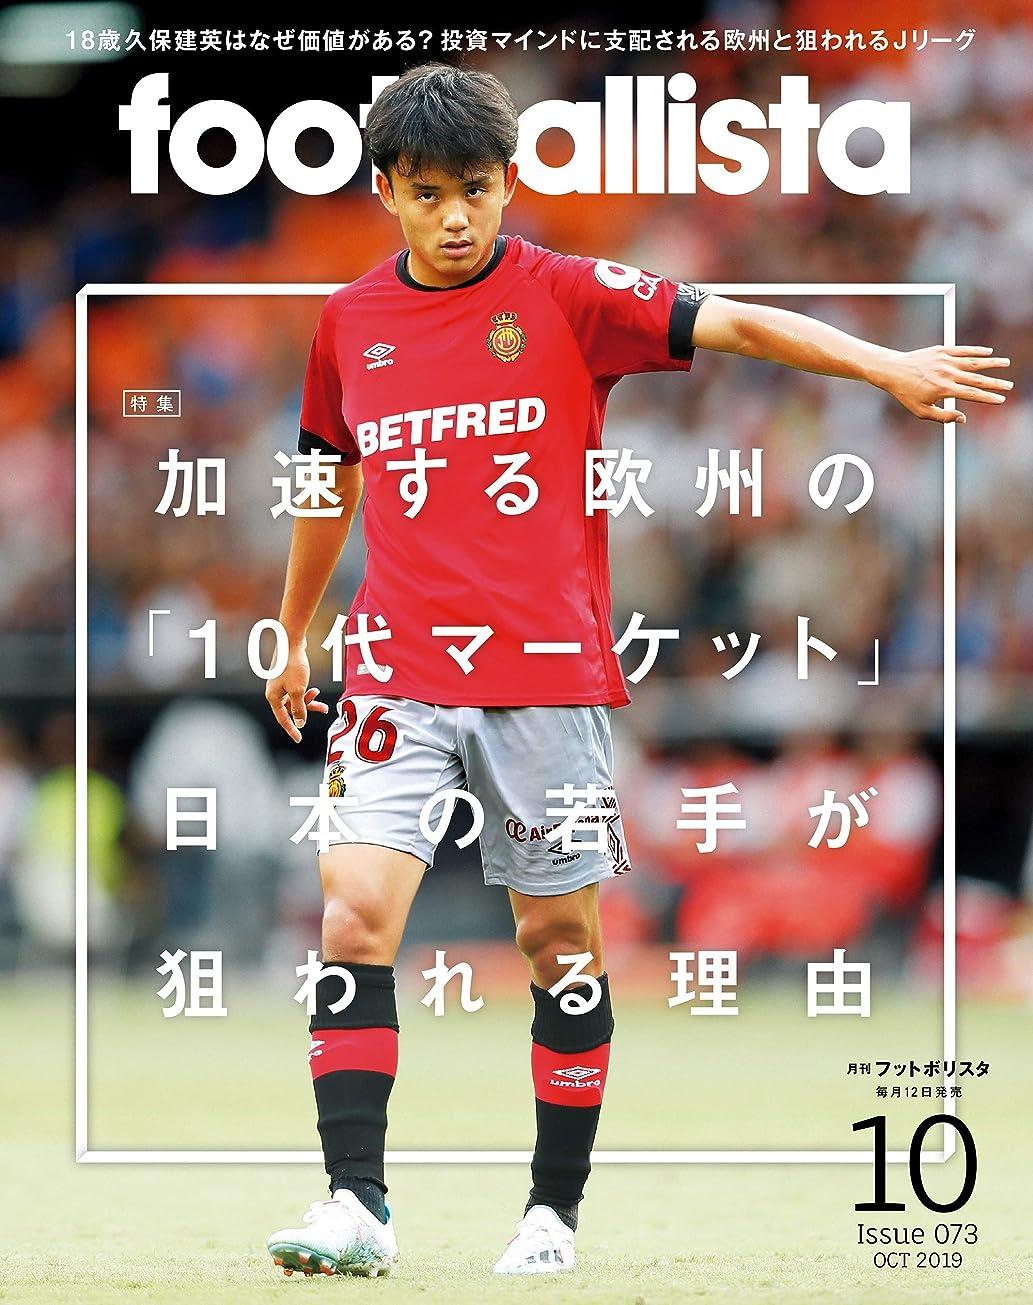 成長筋幅月刊footballista (フットボリスタ) 2019年 10月号 [雑誌]